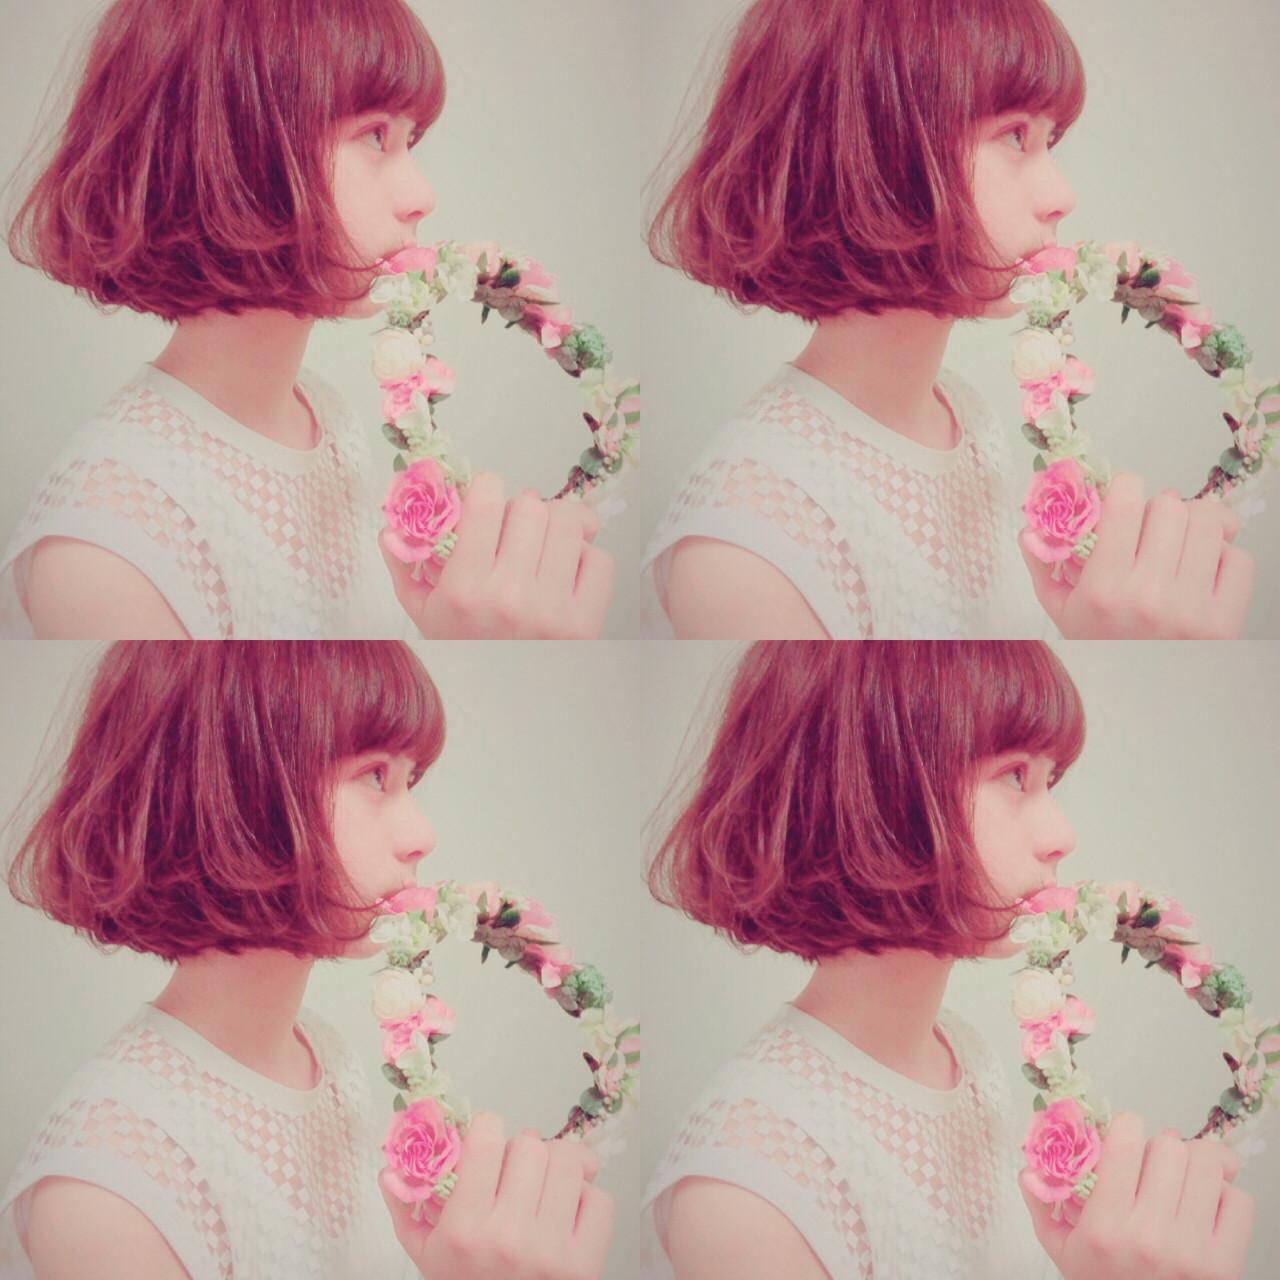 ぶれないオシャレを楽しみたい!ハイセンスな派手髪カタログ。 白澤 貴子 / カキモトアームズ二子玉川